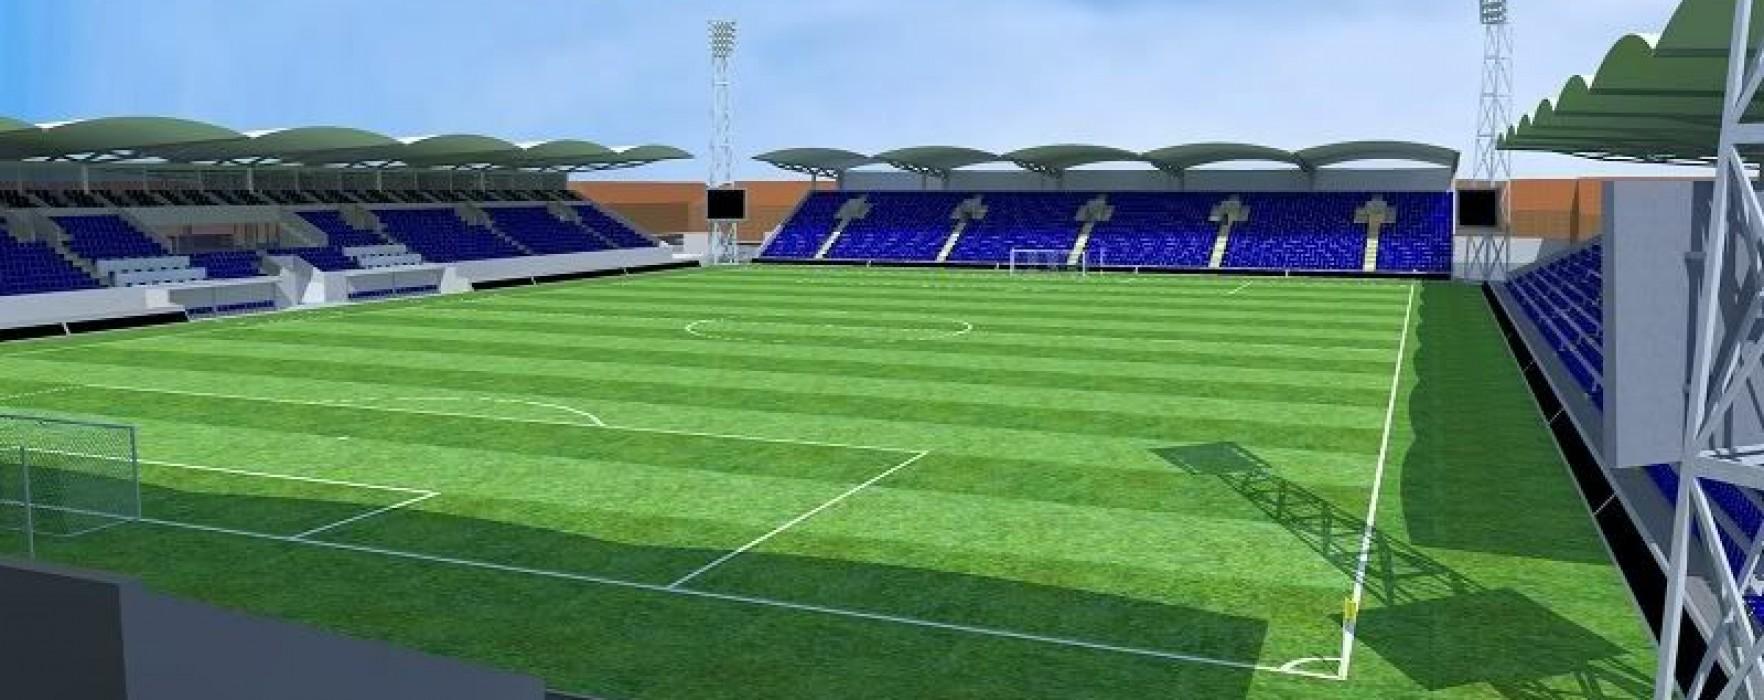 Preşedintele CJ Dâmboviţa, Alexandru Oprea: Sper ca în 2020 să avem un stadion nou la Târgovişte